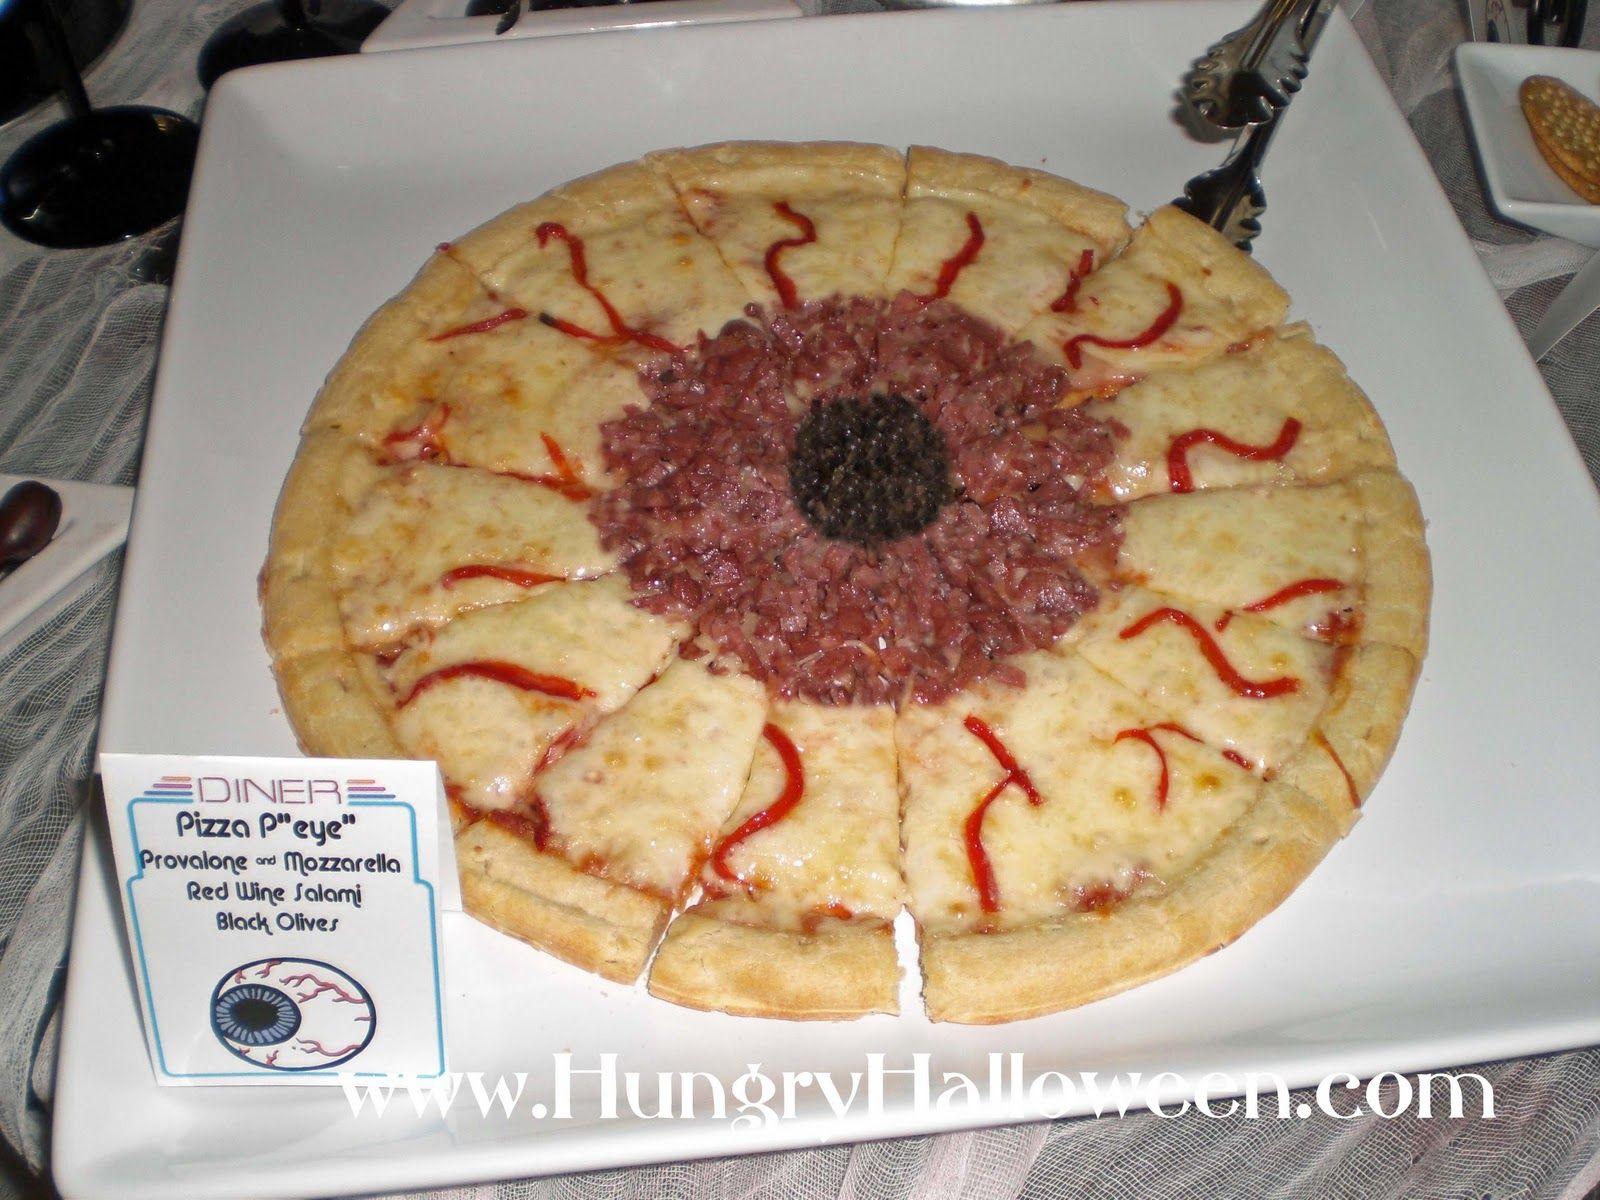 Healthy halloween food ideas pizza food food ideas and pizzas freaky halloween food recipes healthy halloween food ideas forumfinder Image collections